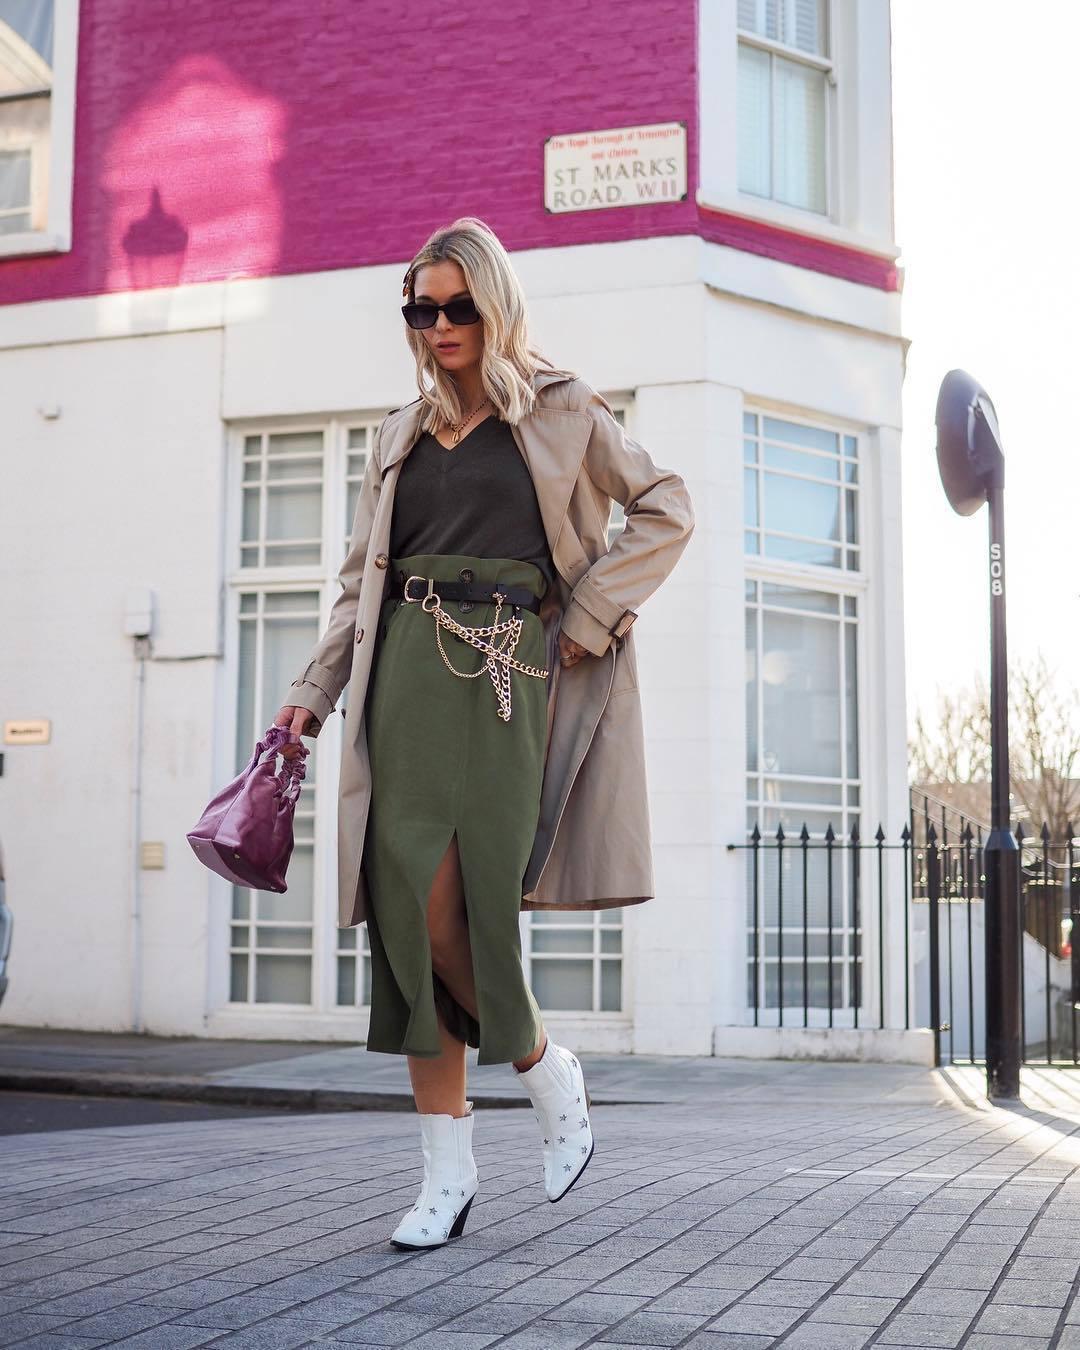 skirt high waisted skirt midi skirt slit skirt ankle boots white boots trench coat black top bag